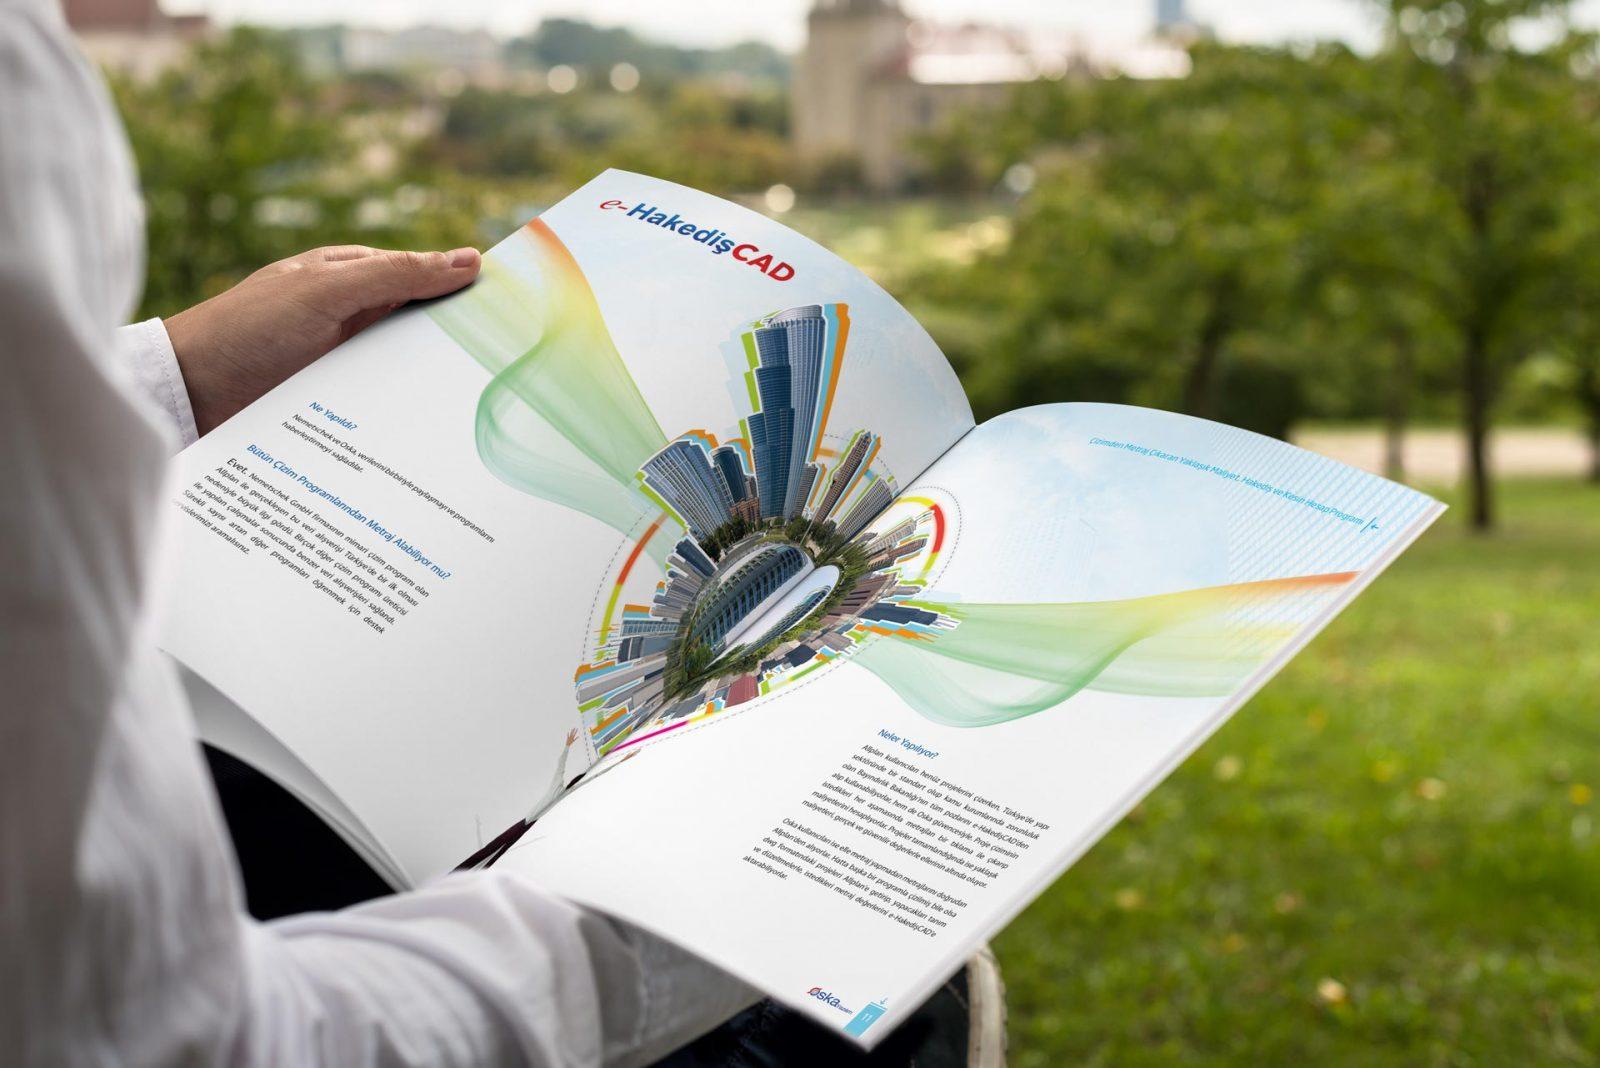 e-hakedis katalog tasarımı 06